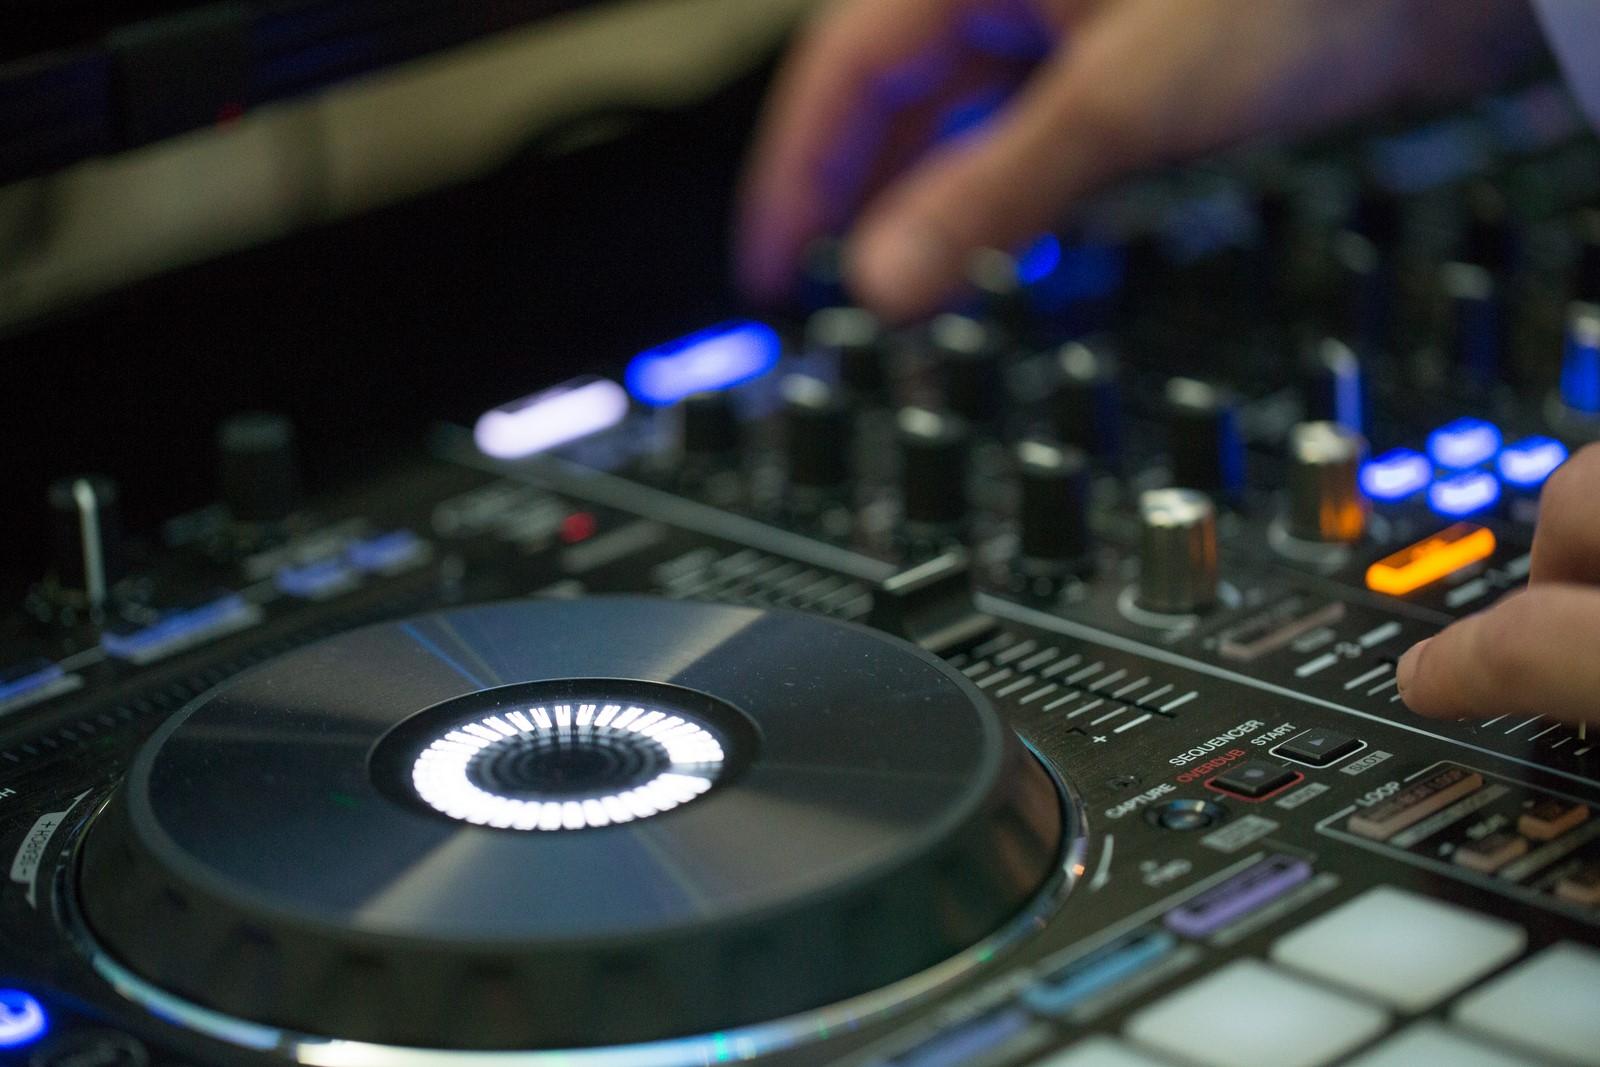 Sesion de baile en directo a cargo de dj dani, el disck jockey responsable de la programación musical de la disco mobil con la que puedes bailar y festejar en cualquier celebración